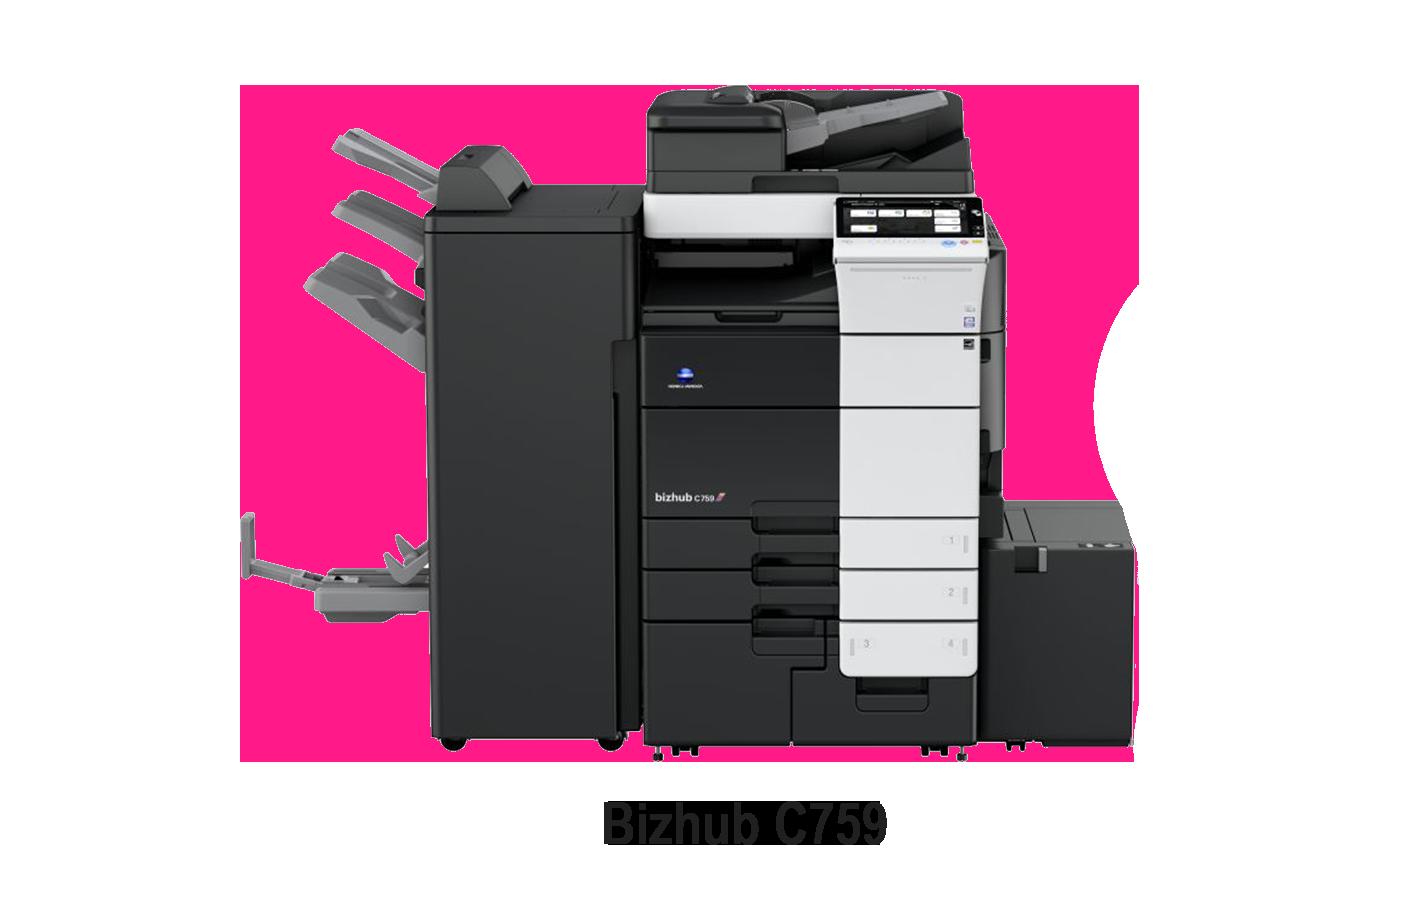 bizhub C759